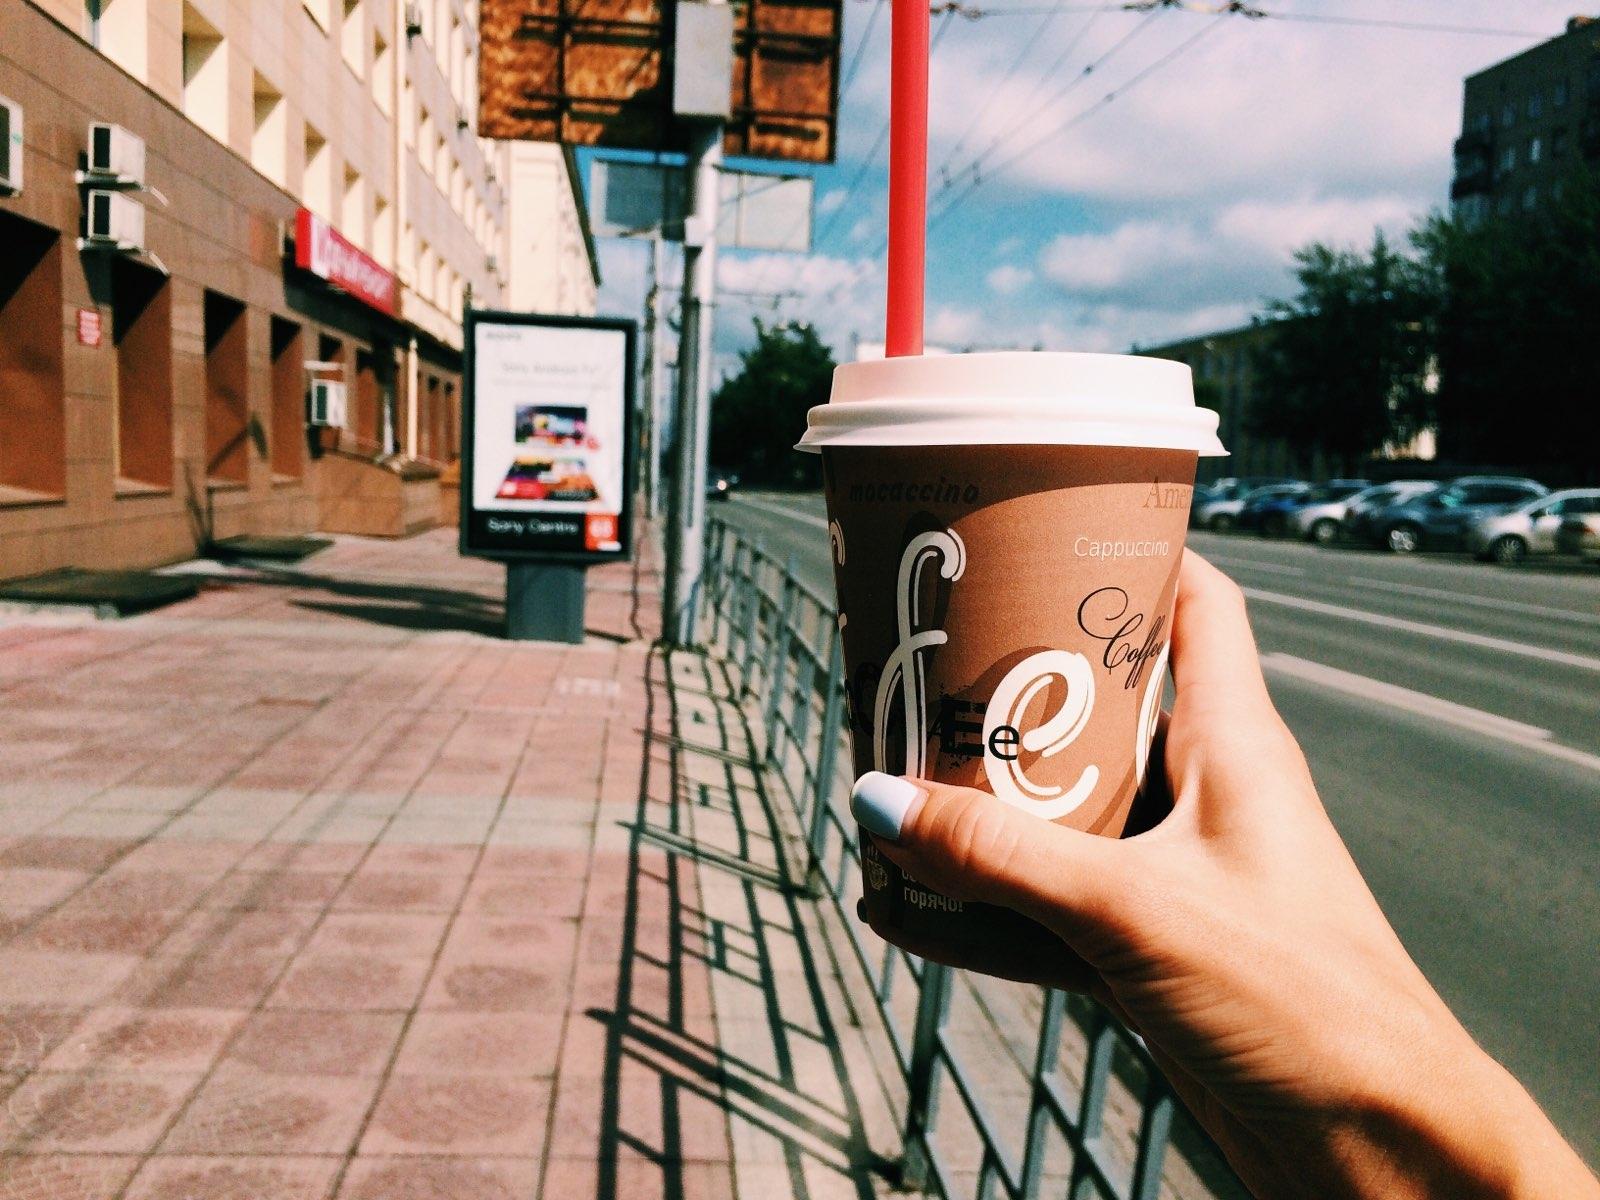 фото кофе на улице в руке прихожая